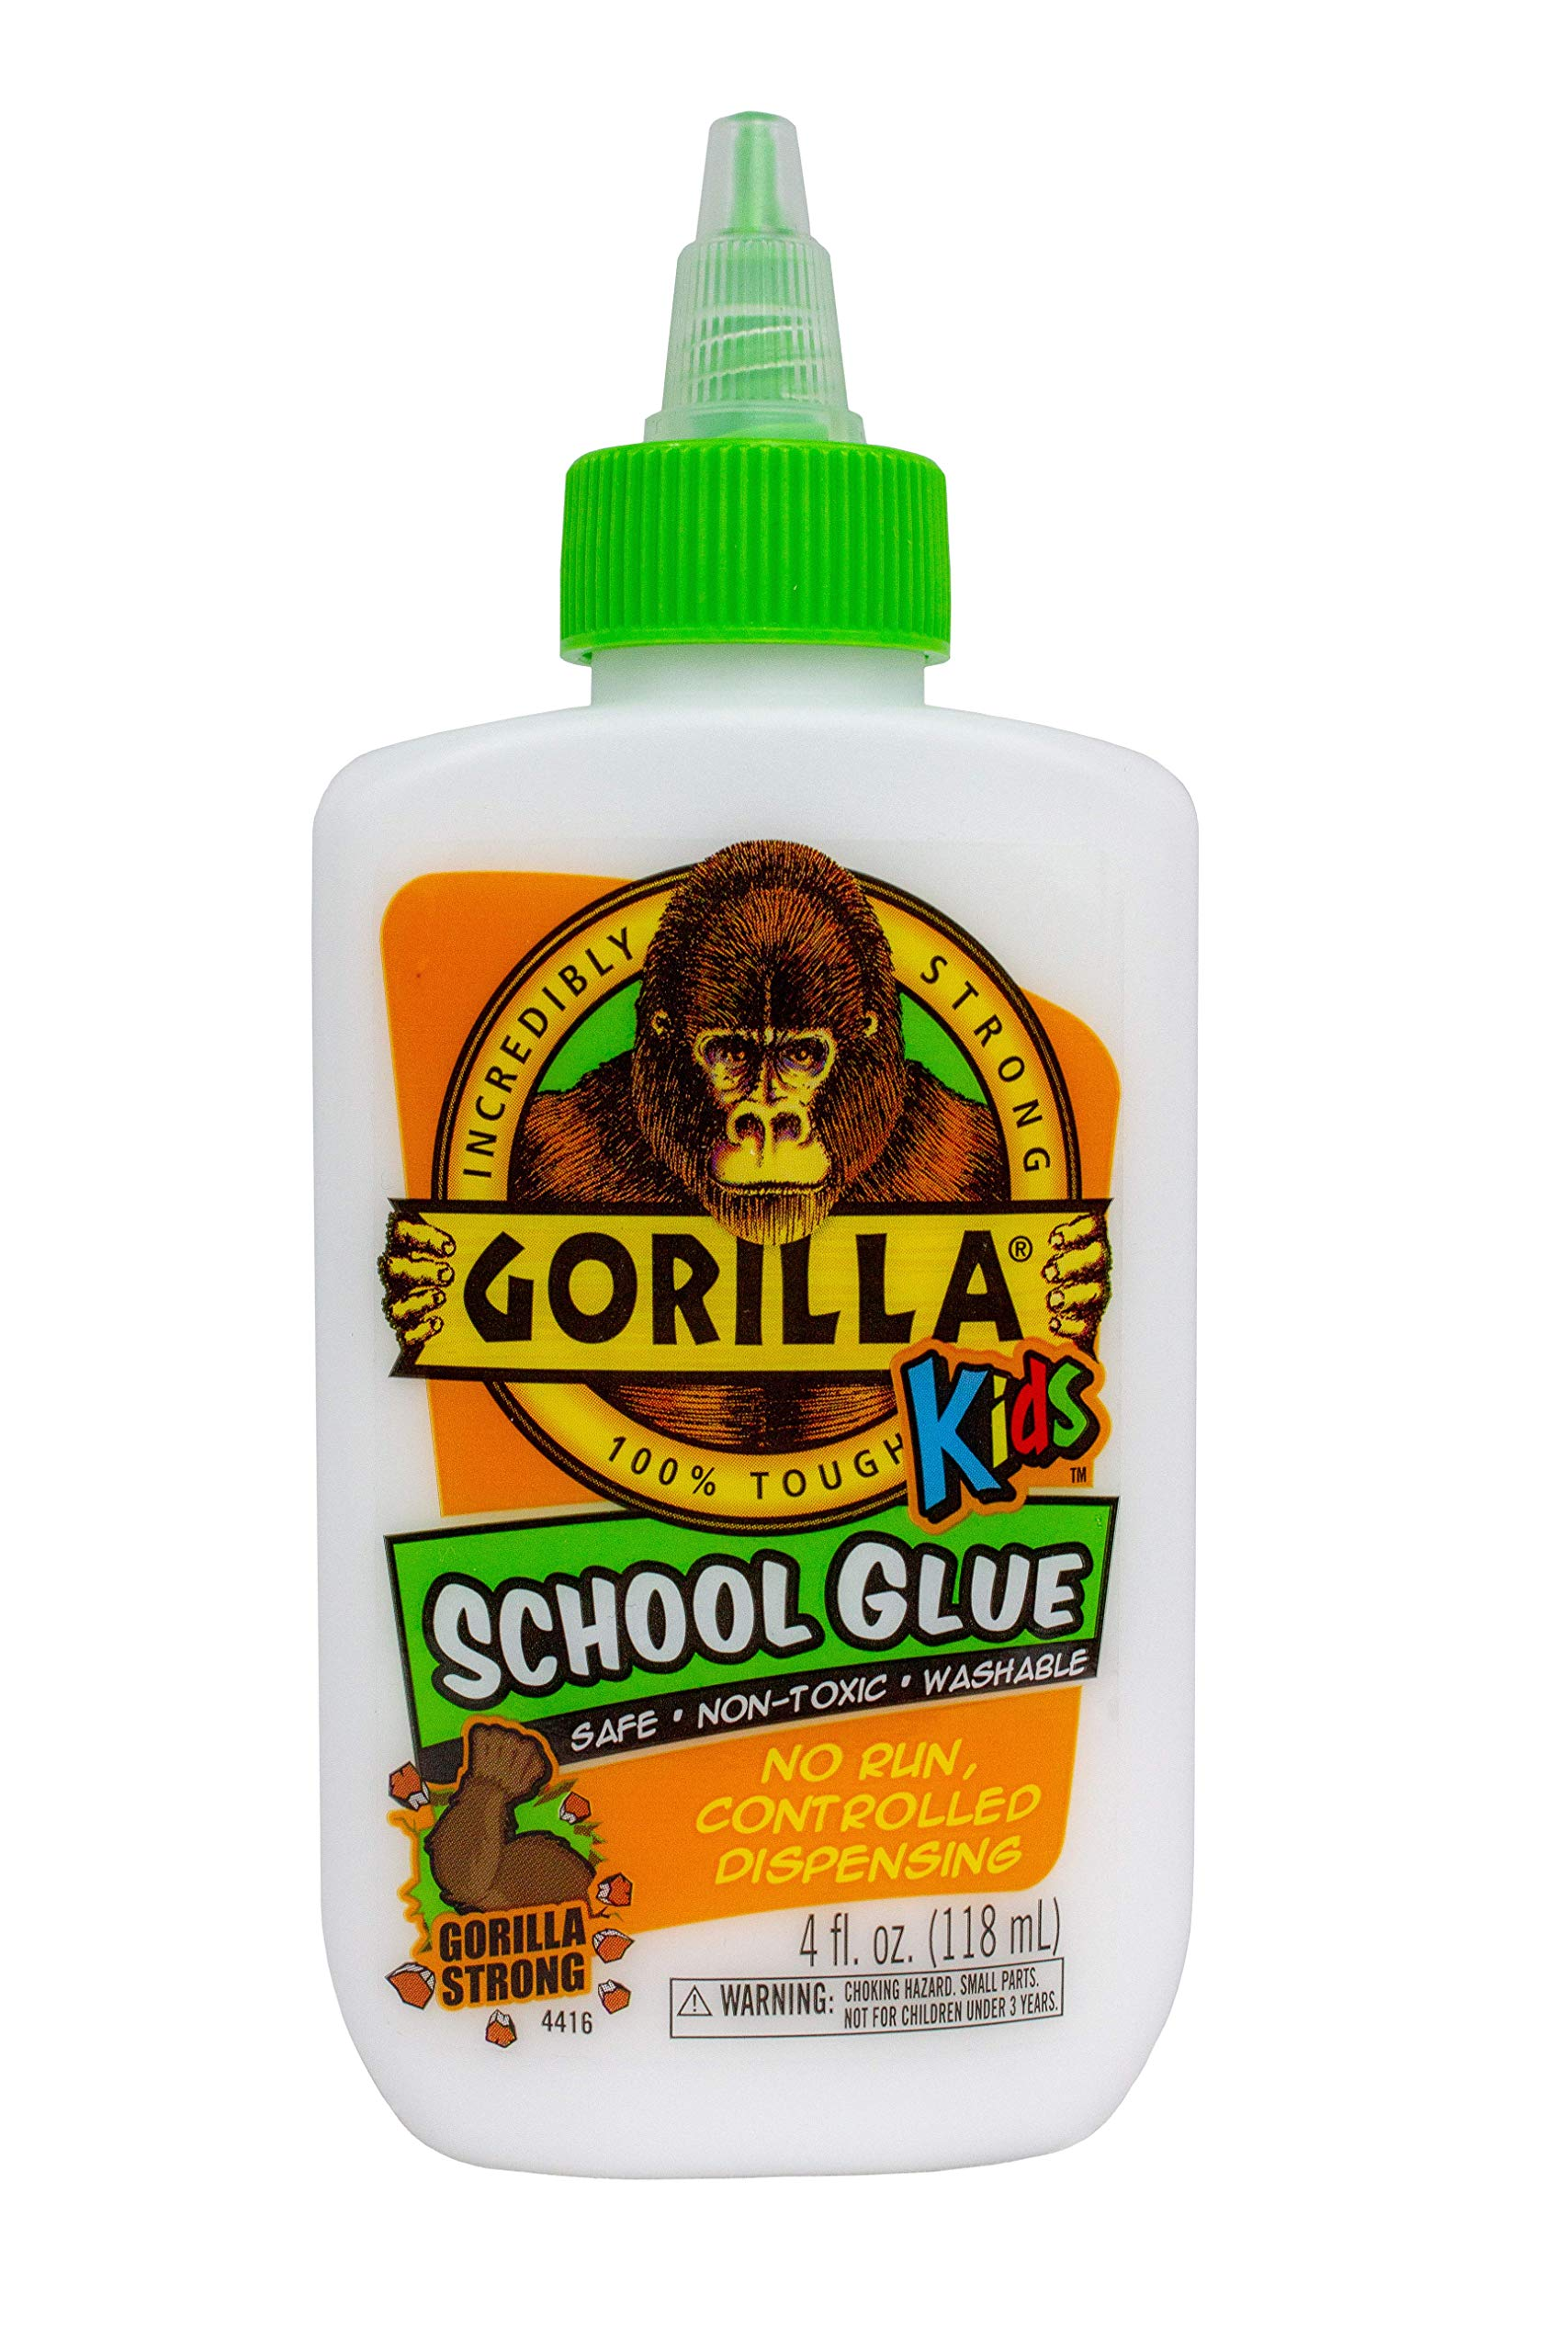 Gorilla 2754208 Liquid School Glue, 24 - Pack, White, Piece by Gorilla